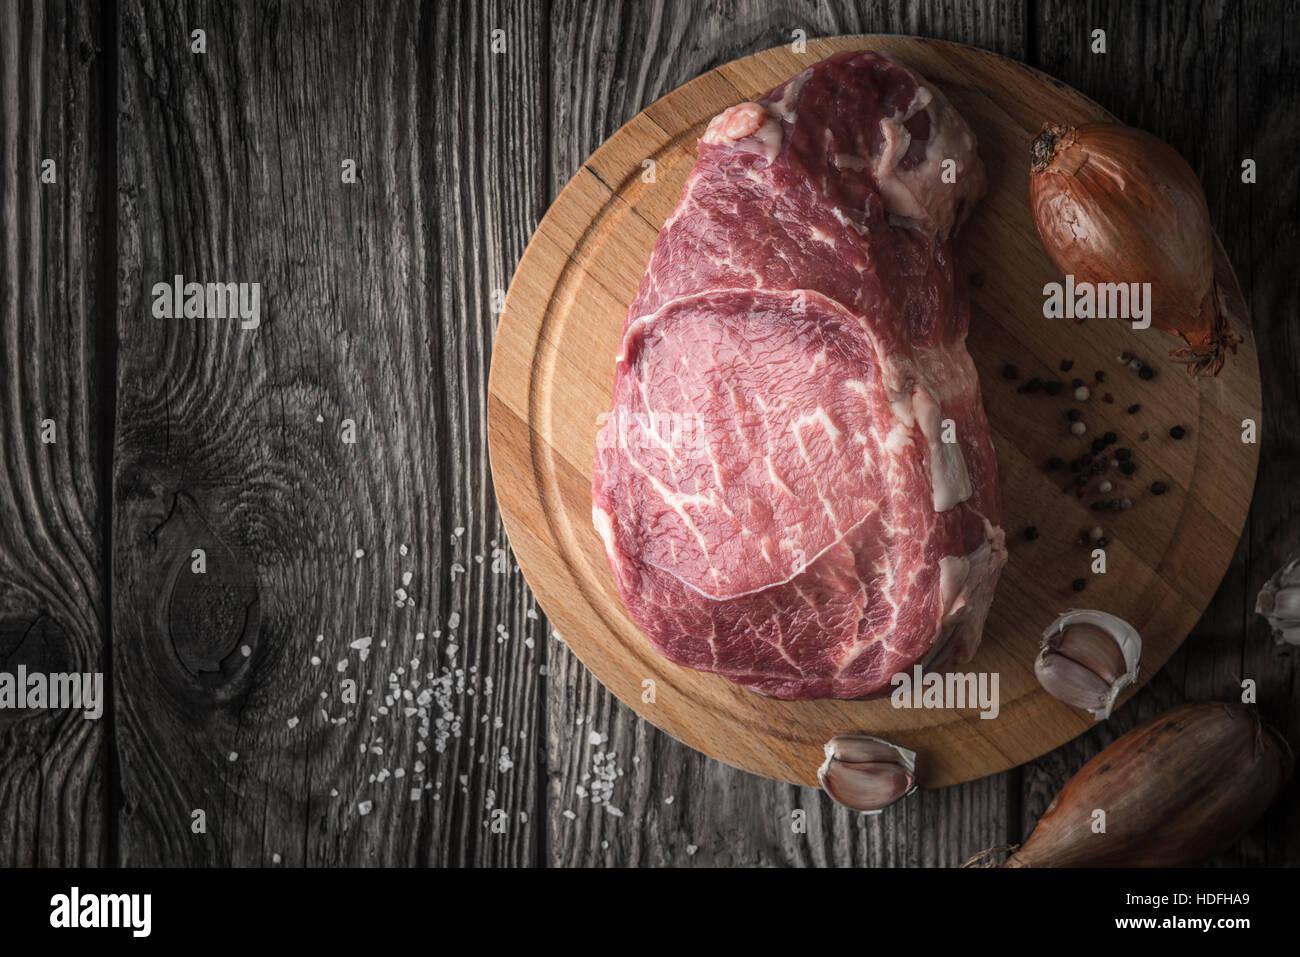 Materias Angus beef con aliño sobre la mesa de madera, vista superior Imagen De Stock